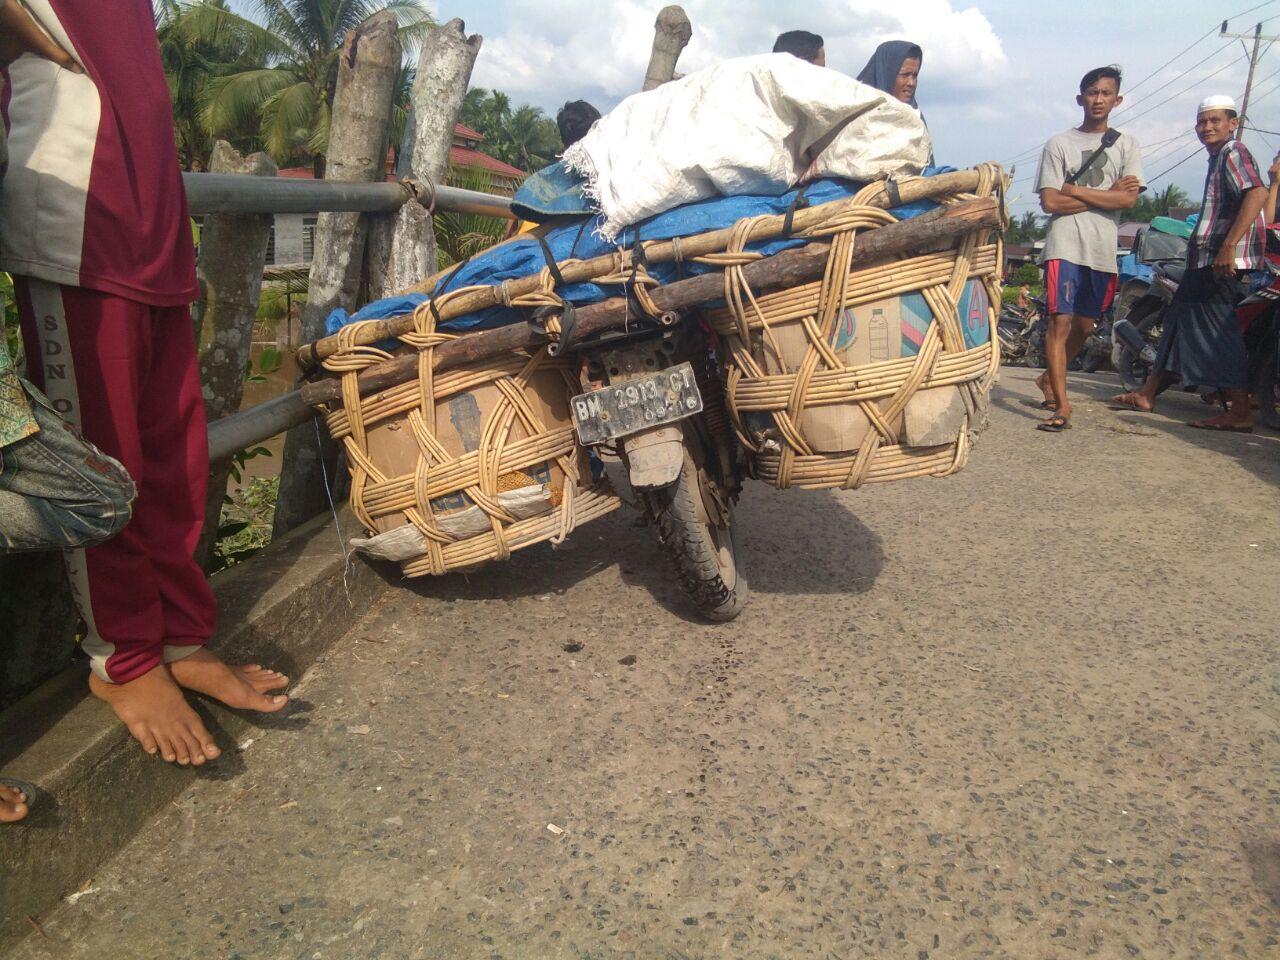 Warga Pulau Kijang Tewas Setelah Tertimpa Motor Bermuatan Jeruk